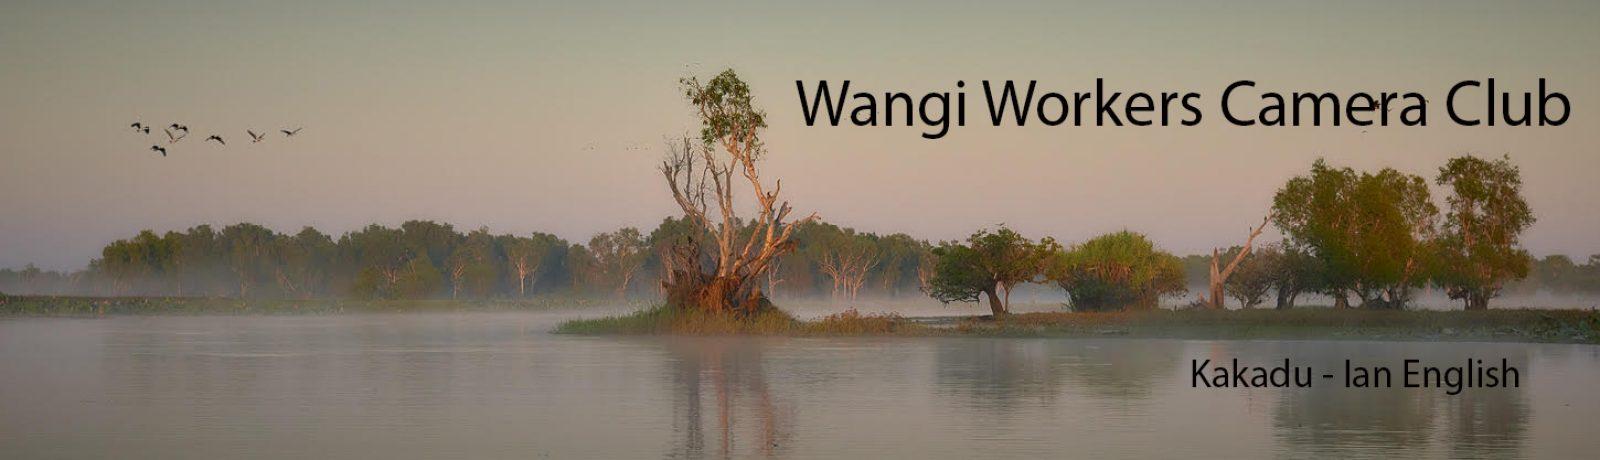 Wangi Workers Camera Club